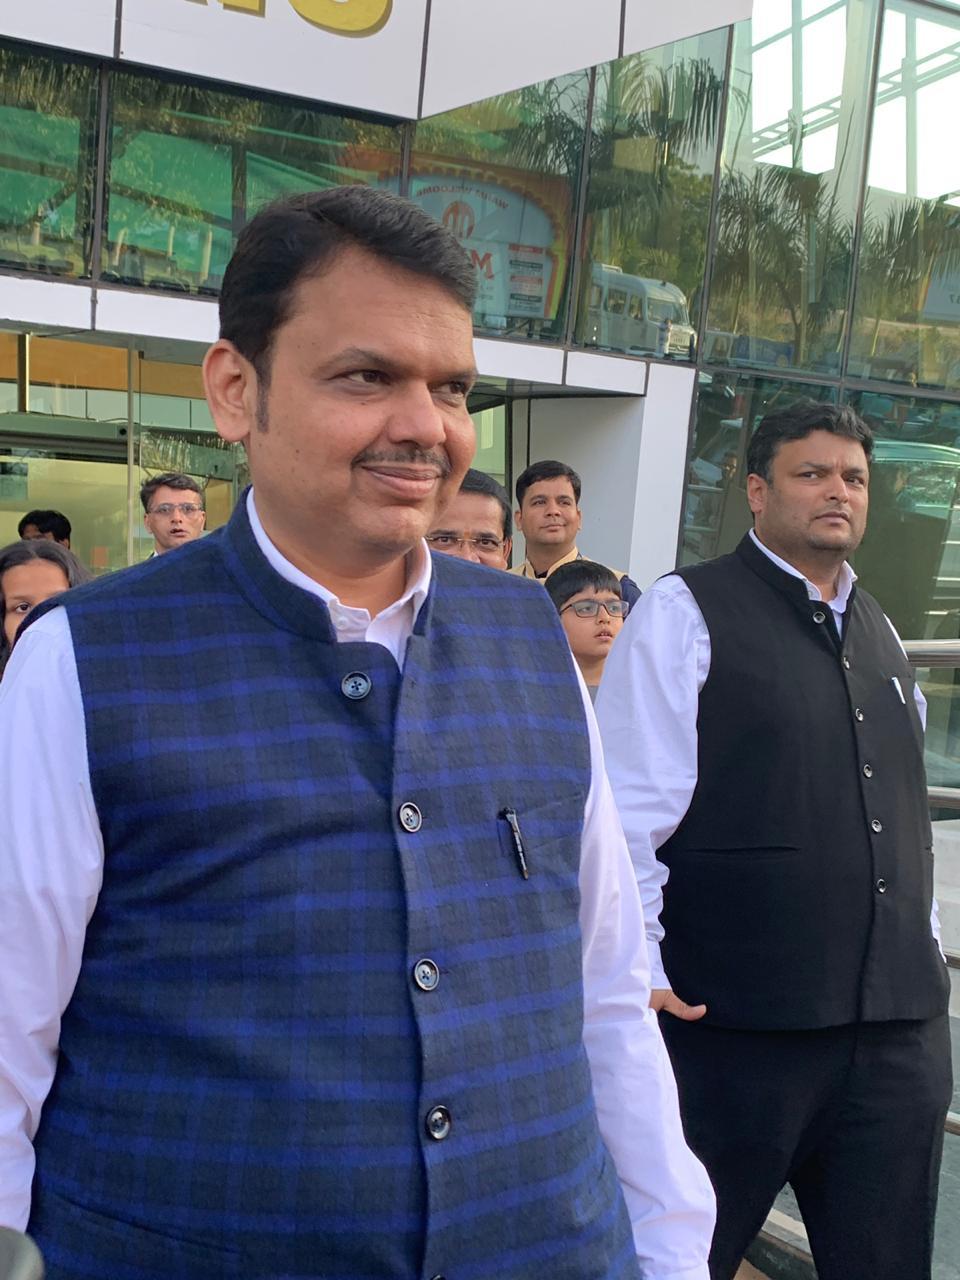 महाराष्ट्राचे मुख्यमंत्री देवेंद्र फडणवीसदेखील ईशा अंबानीला आर्शिवाद देण्यासाठी उदयपूरला गेले आहेत.